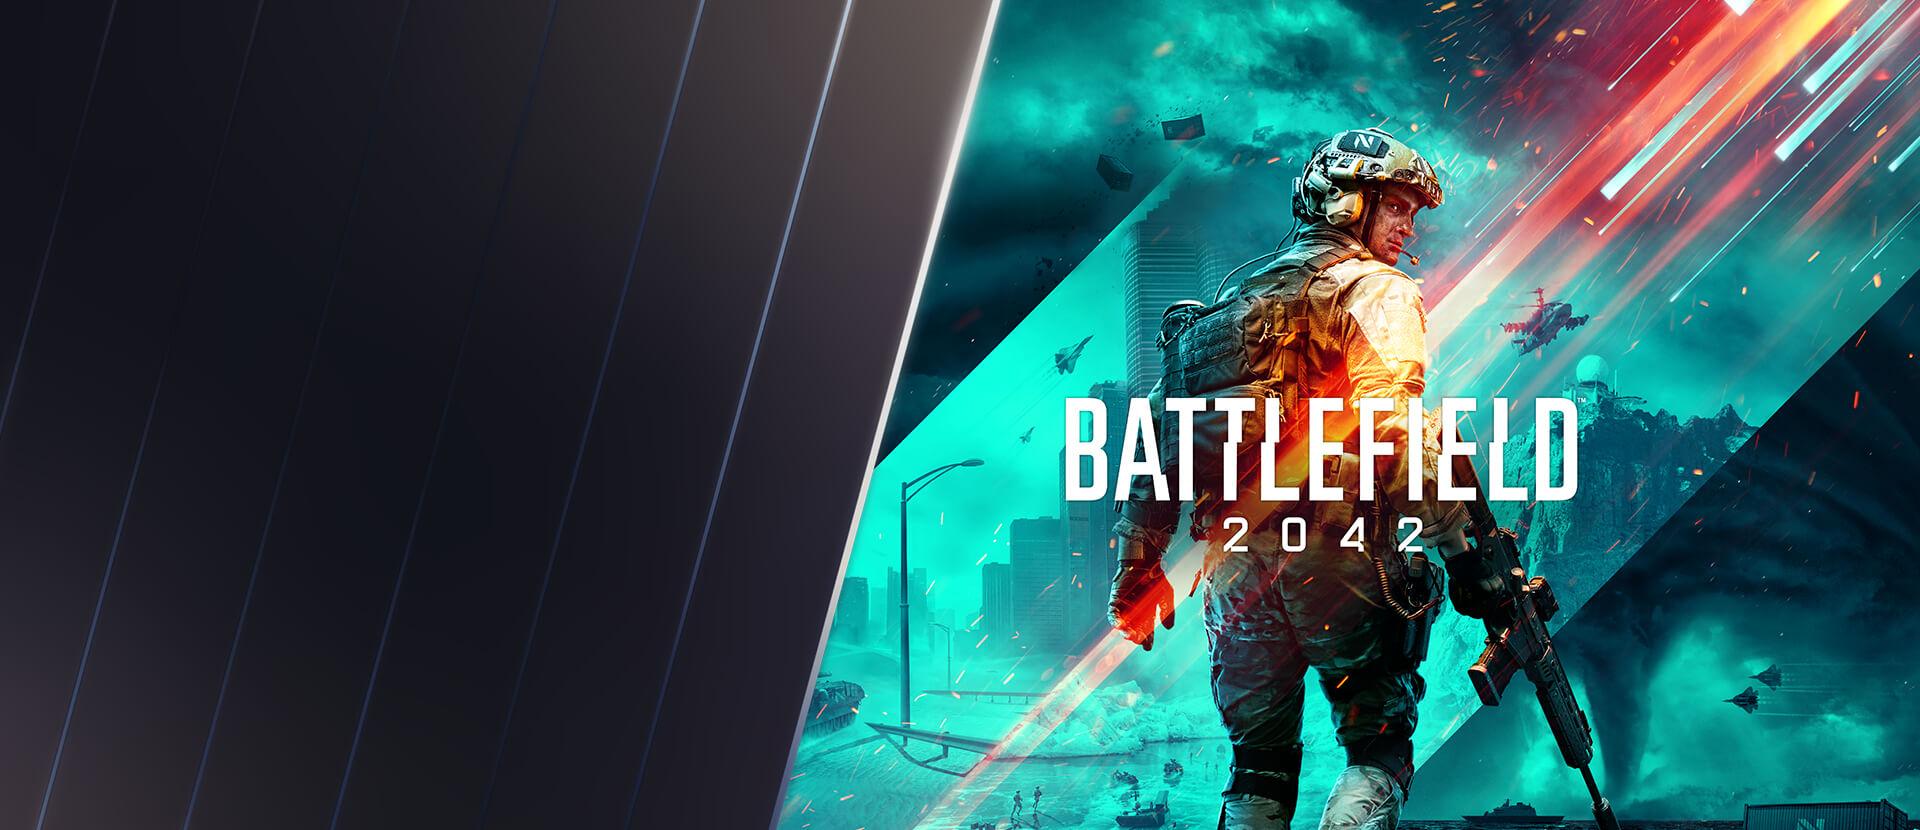 Battlefield-banner